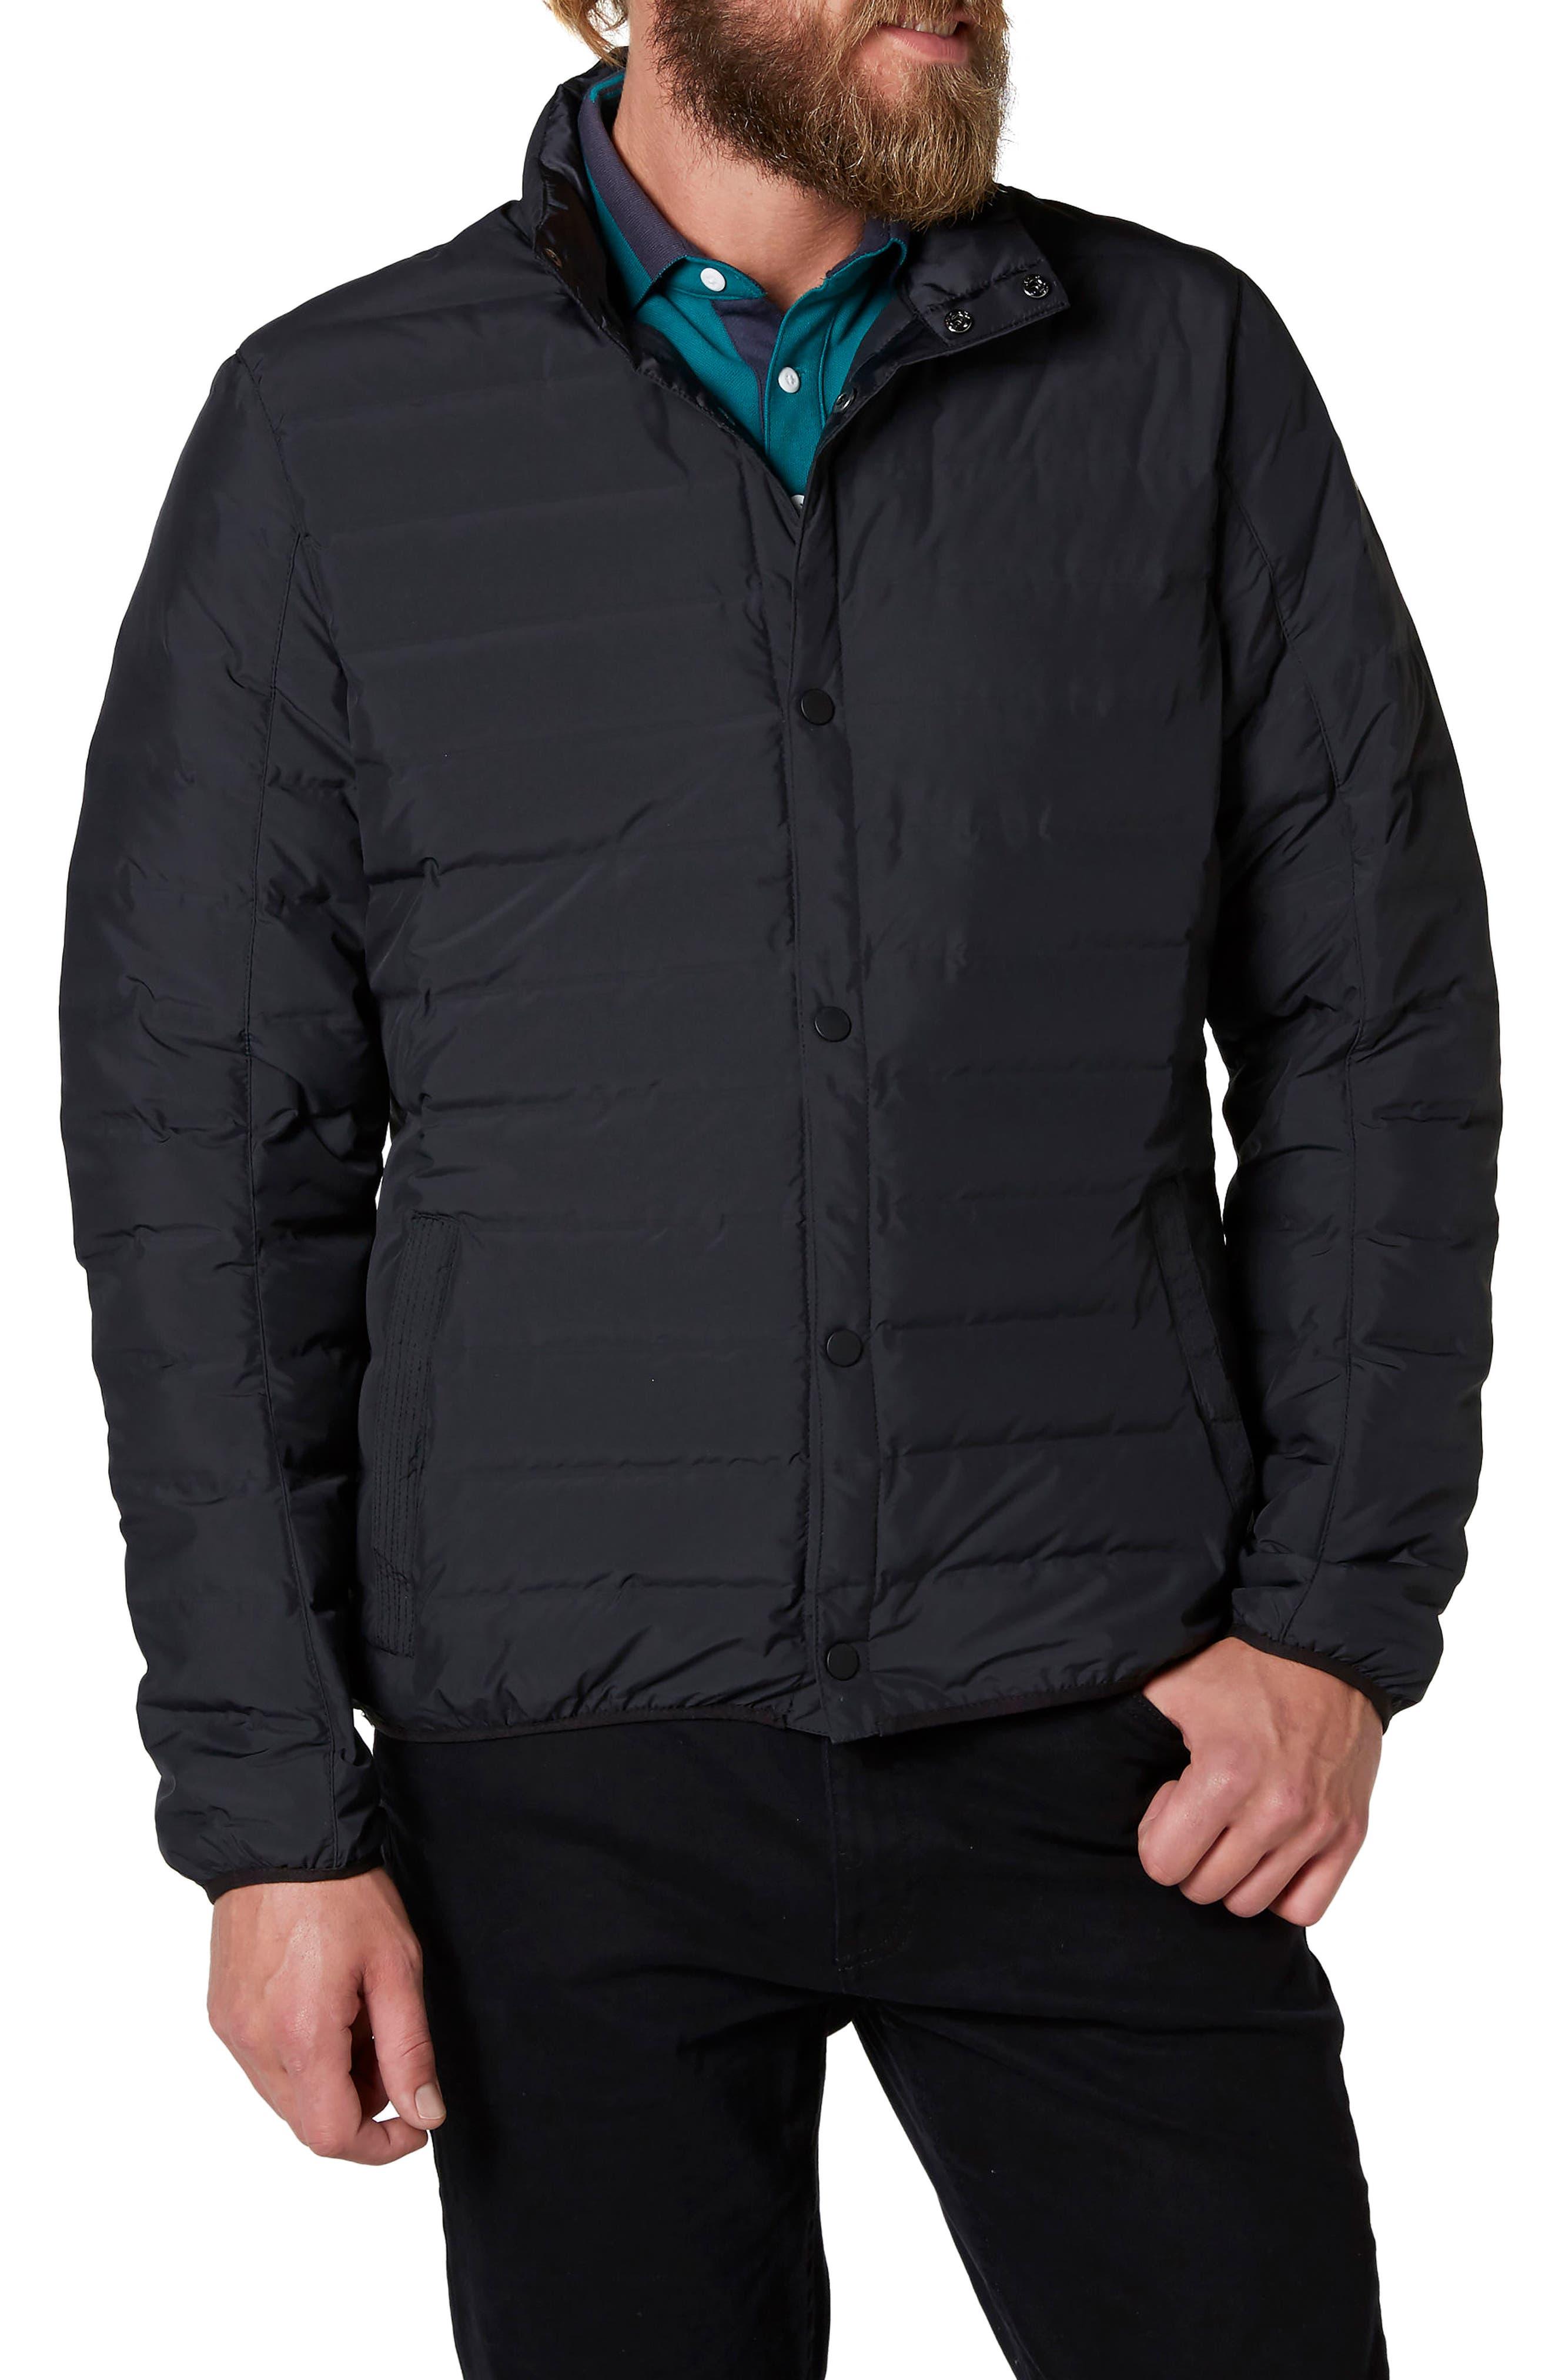 Urban Liner Jacket,                             Main thumbnail 1, color,                             001